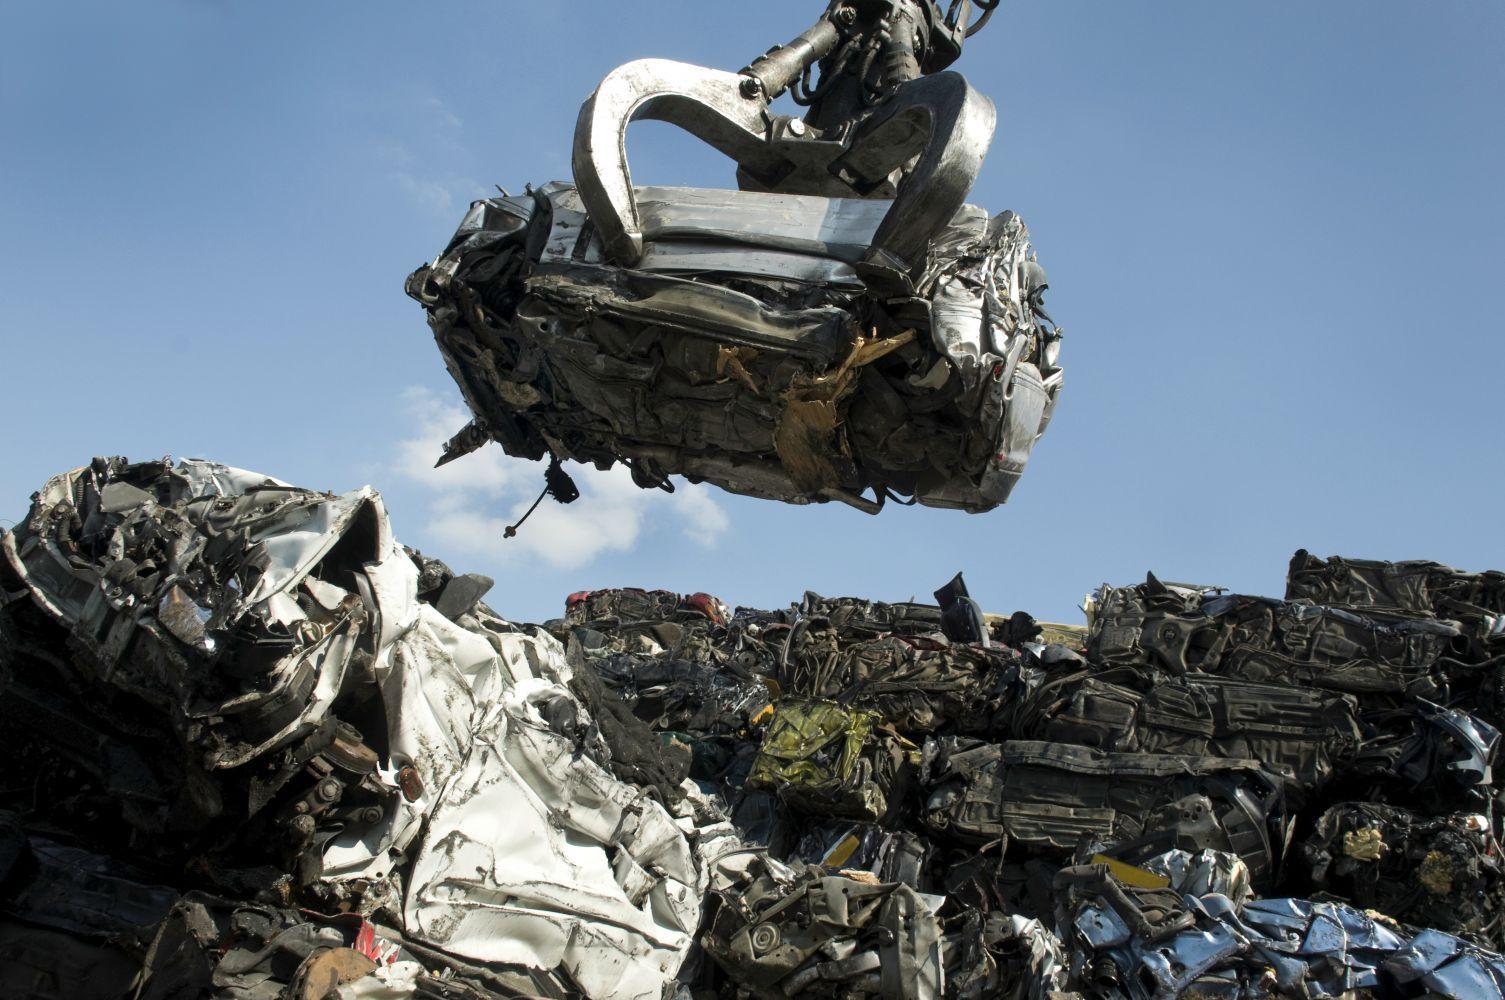 Piles of scrap metal in Fairbanks, AK